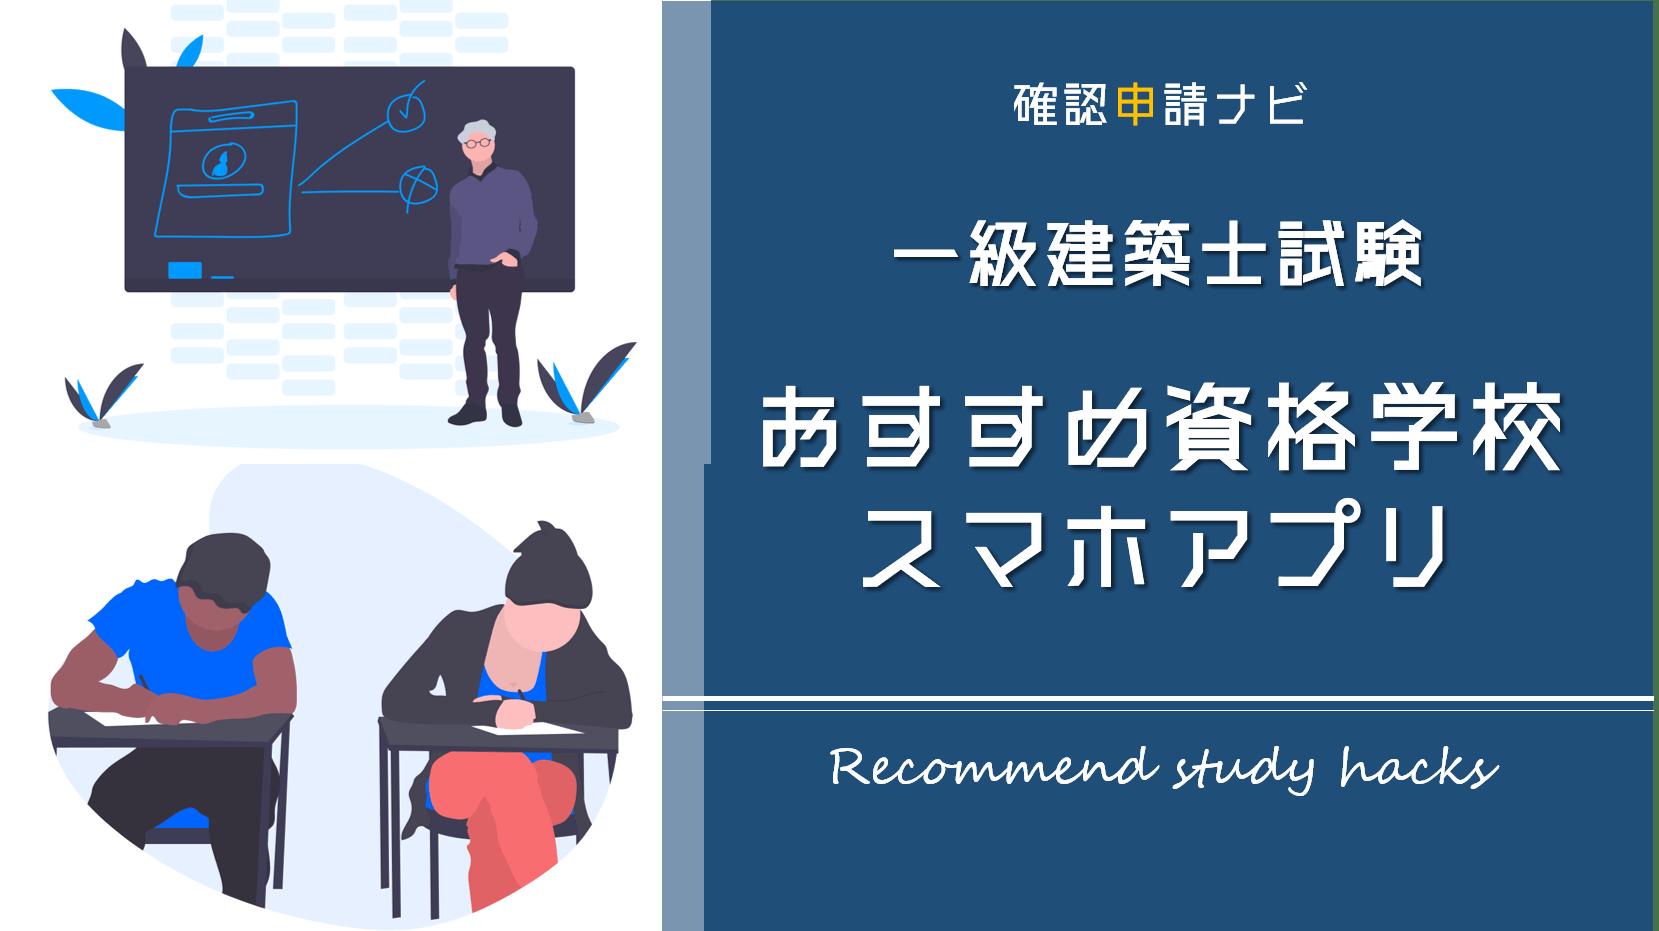 一級建築士試験_資格学校_おすすめ